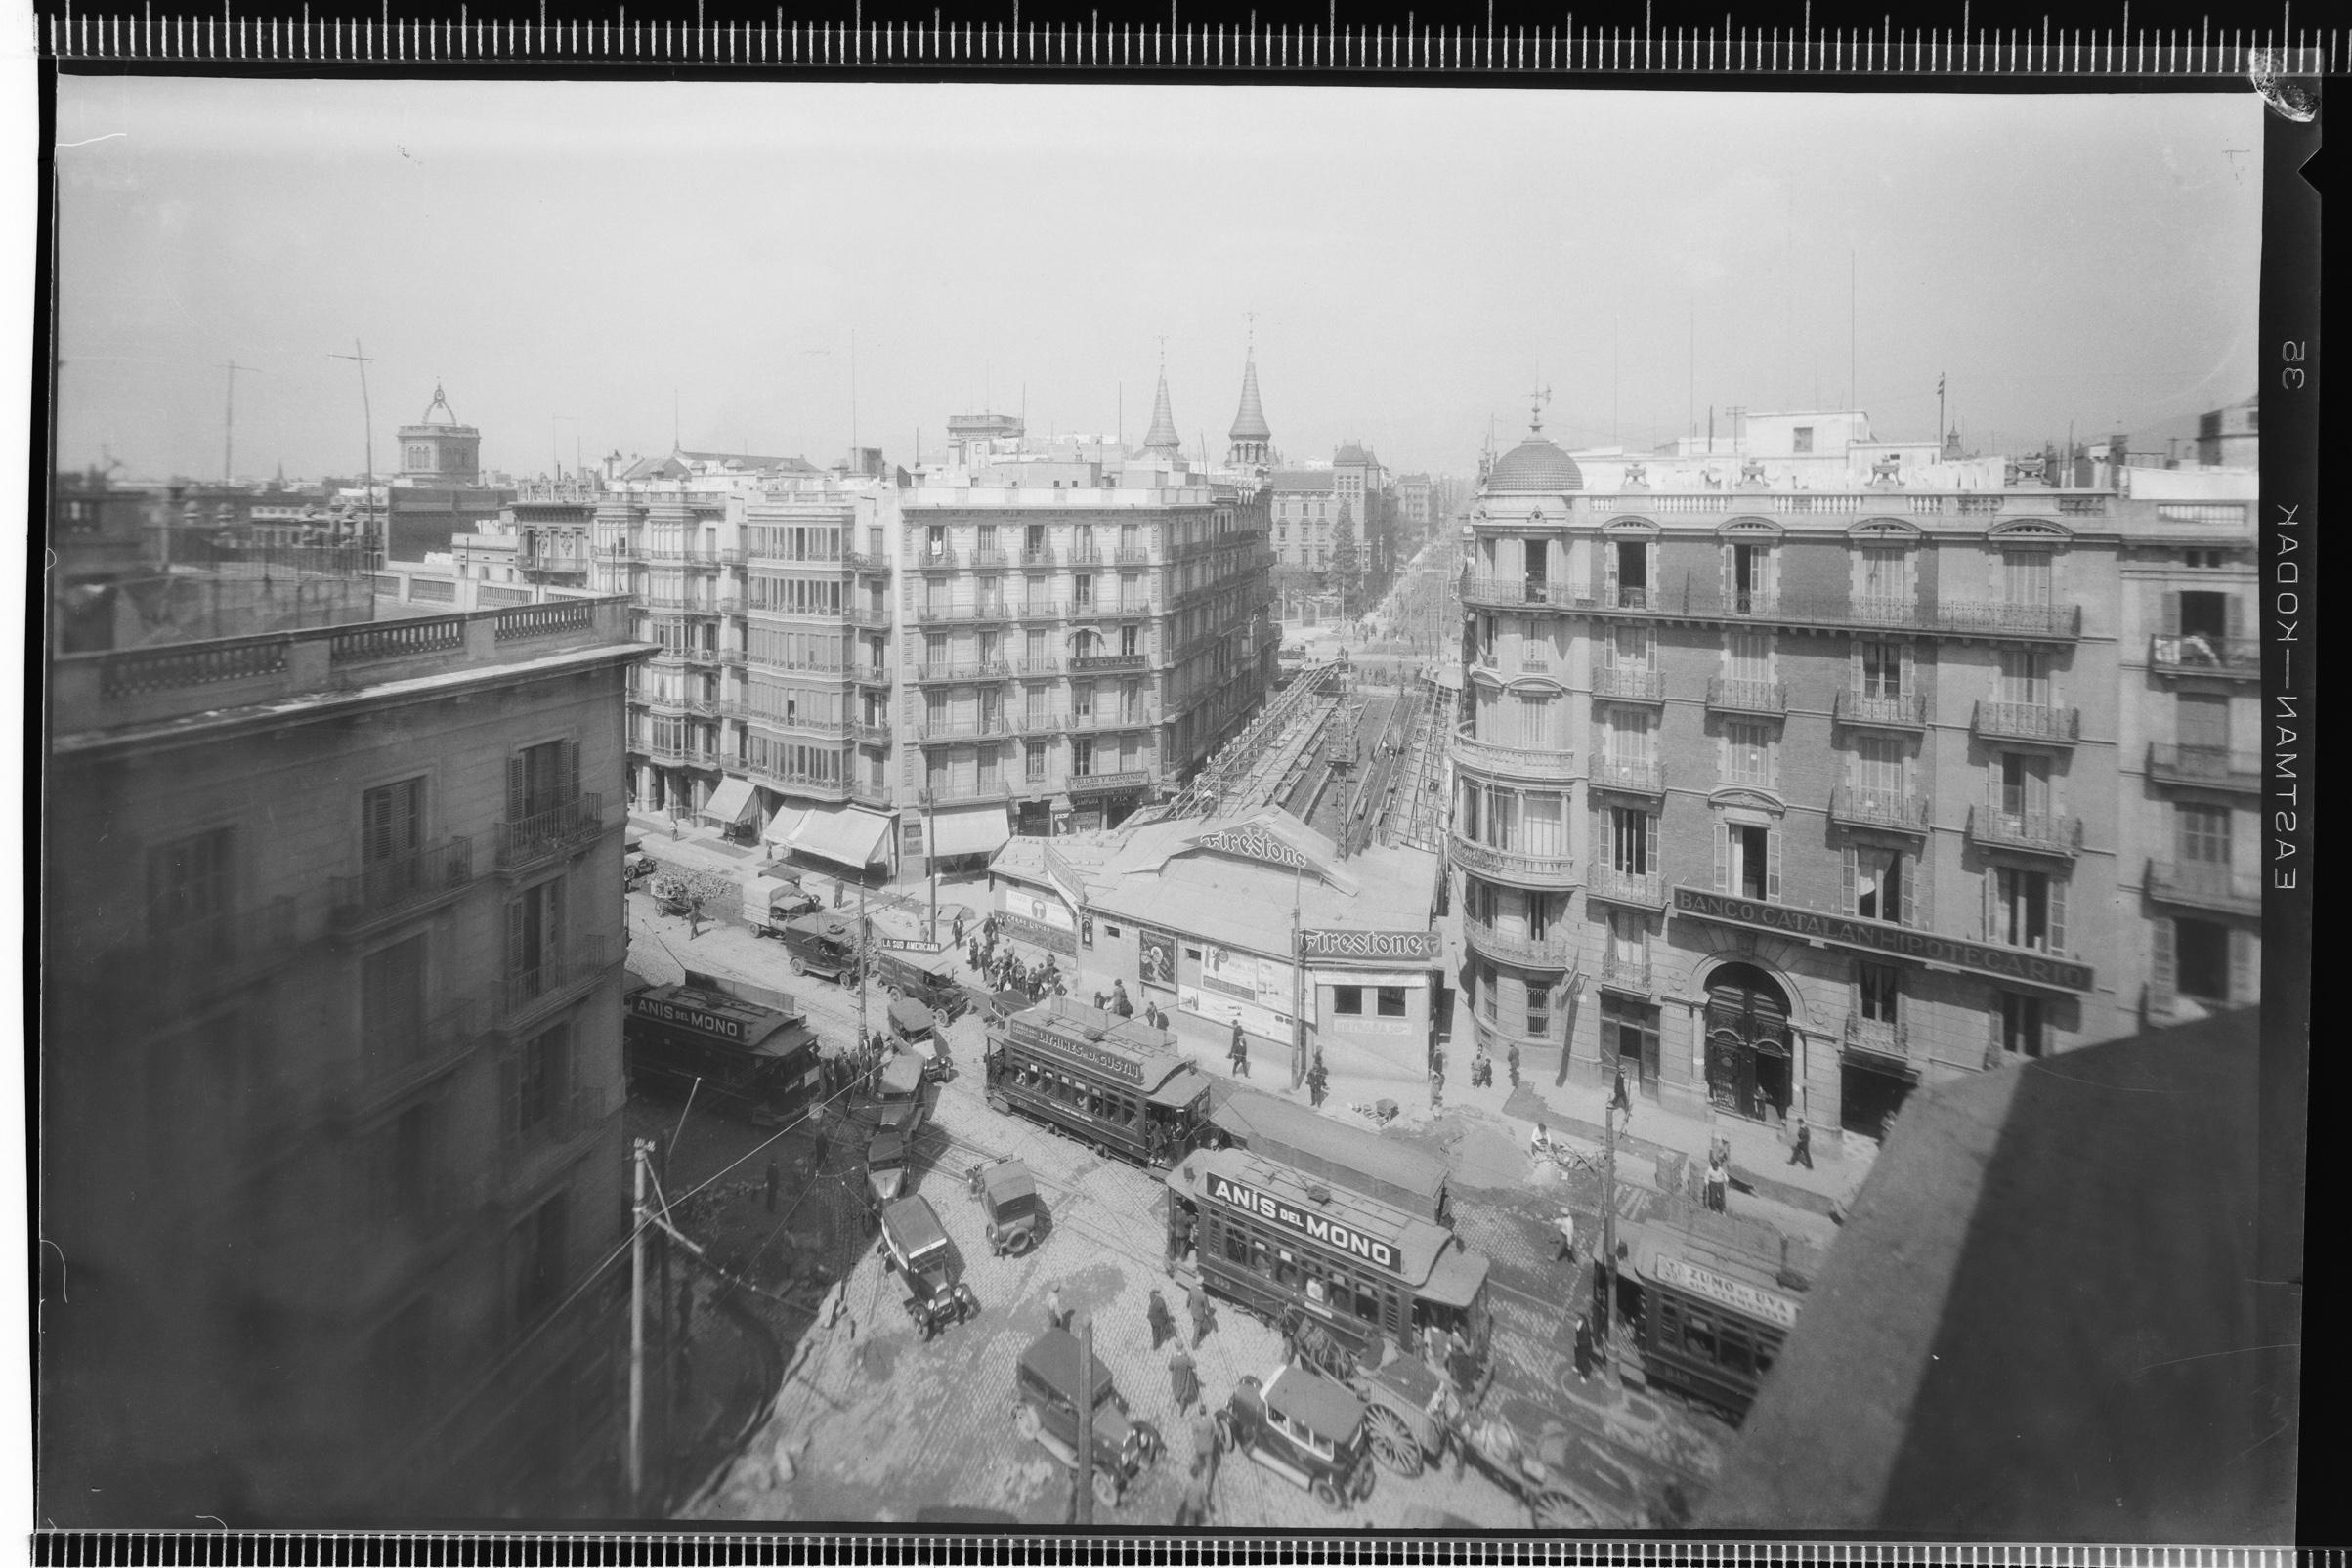 Obras de soterramiento de la línea de Metro de la Compañía de los Ferrocarriles Catalanes. Barcelona, 1926-1929 © Fondo BRANGULÍ, ANC